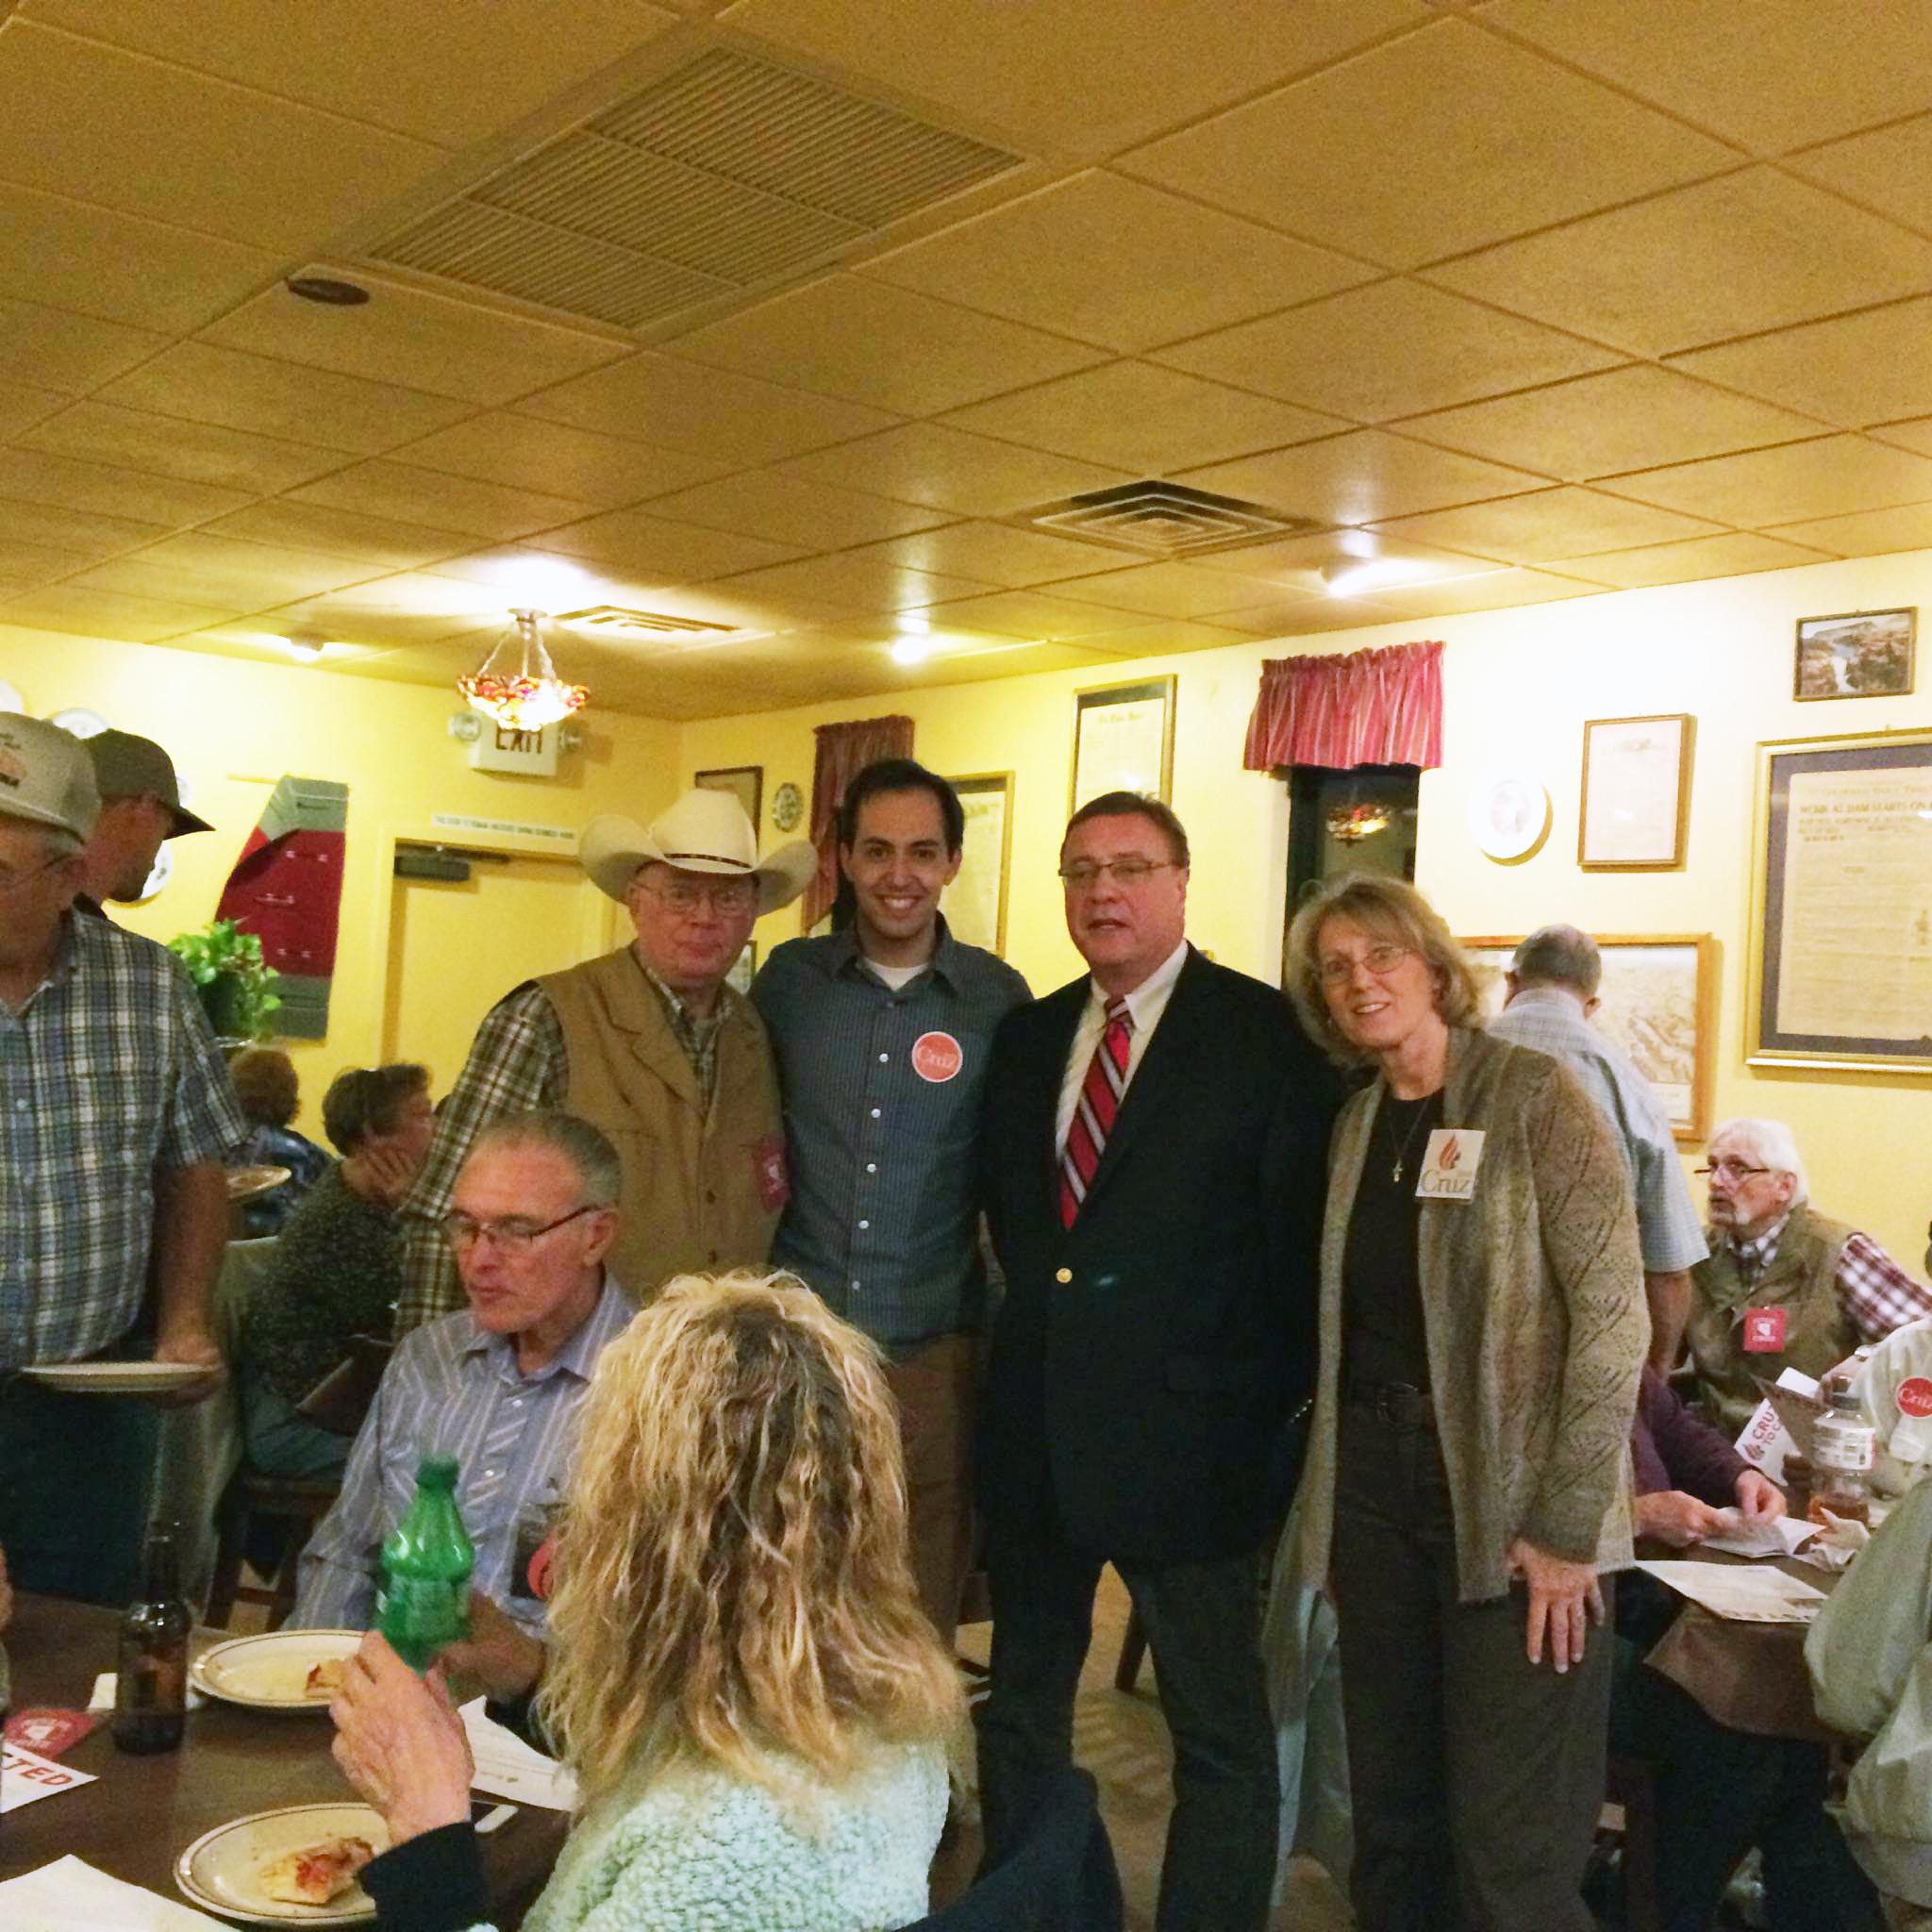 Cruz campaign holds event